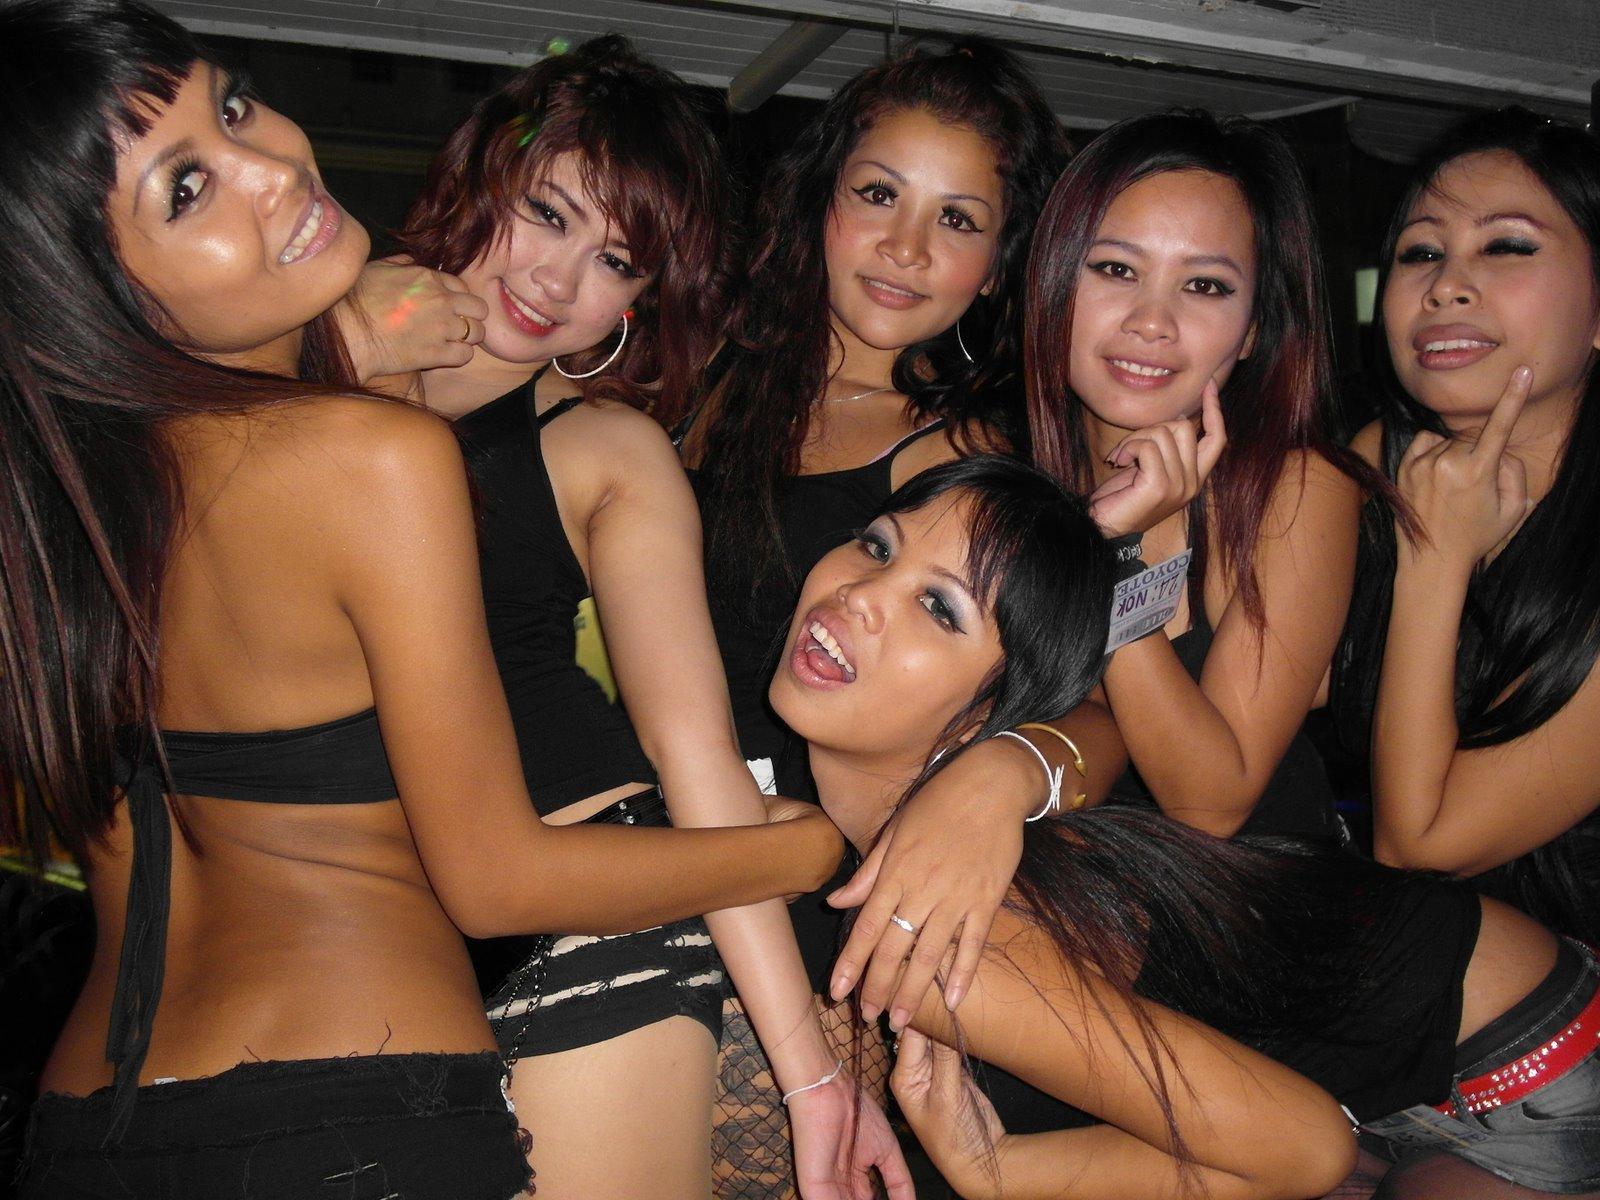 Проститутки в эквадоре проститутки спб сквирт